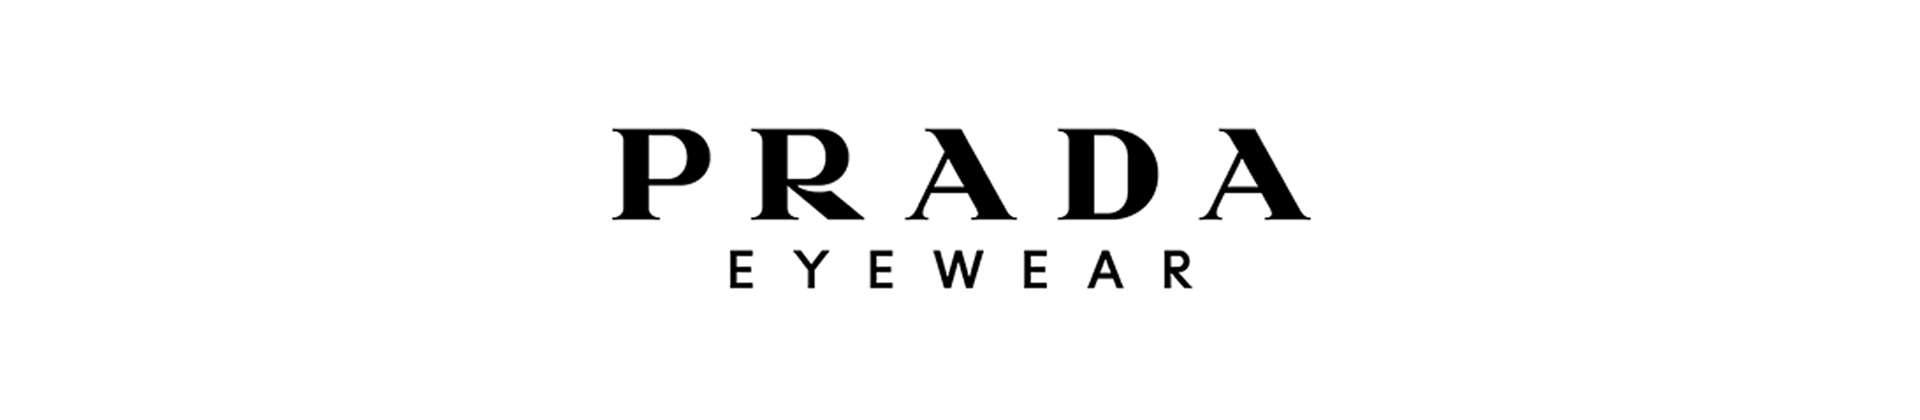 Prada Eyewear.jpg